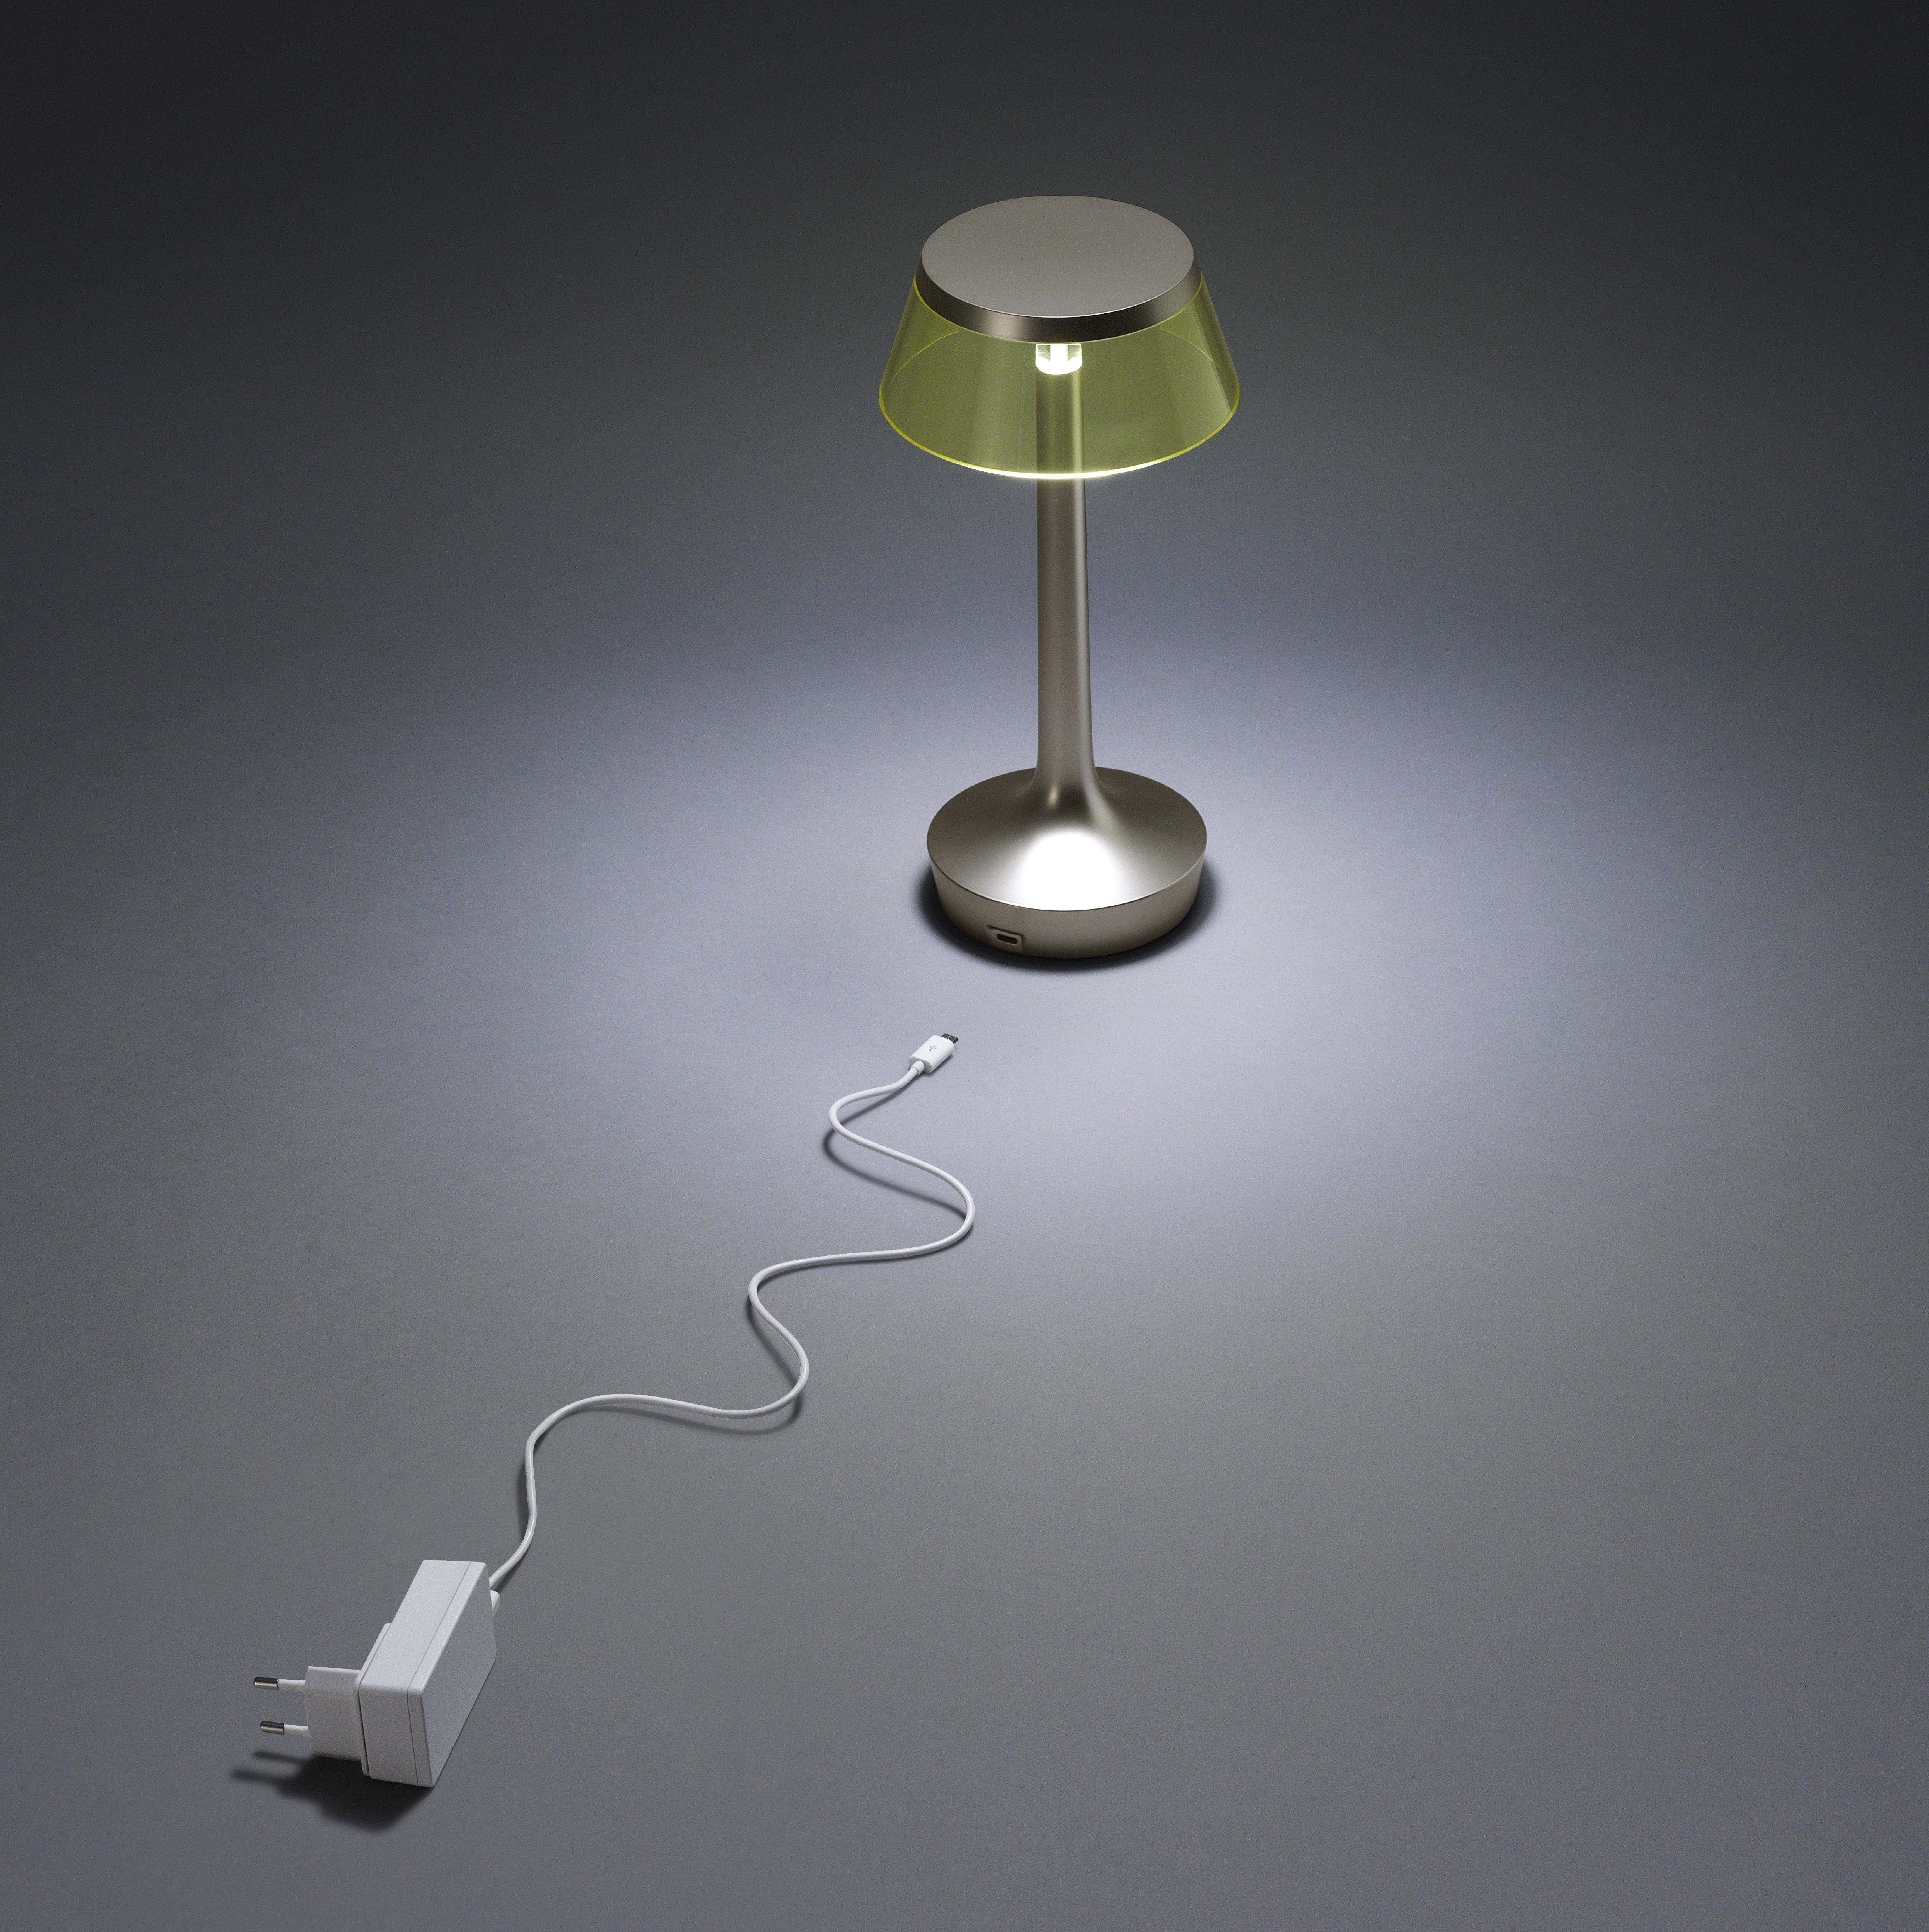 bon jour unplugged led mit micro usb ladekabel flos. Black Bedroom Furniture Sets. Home Design Ideas